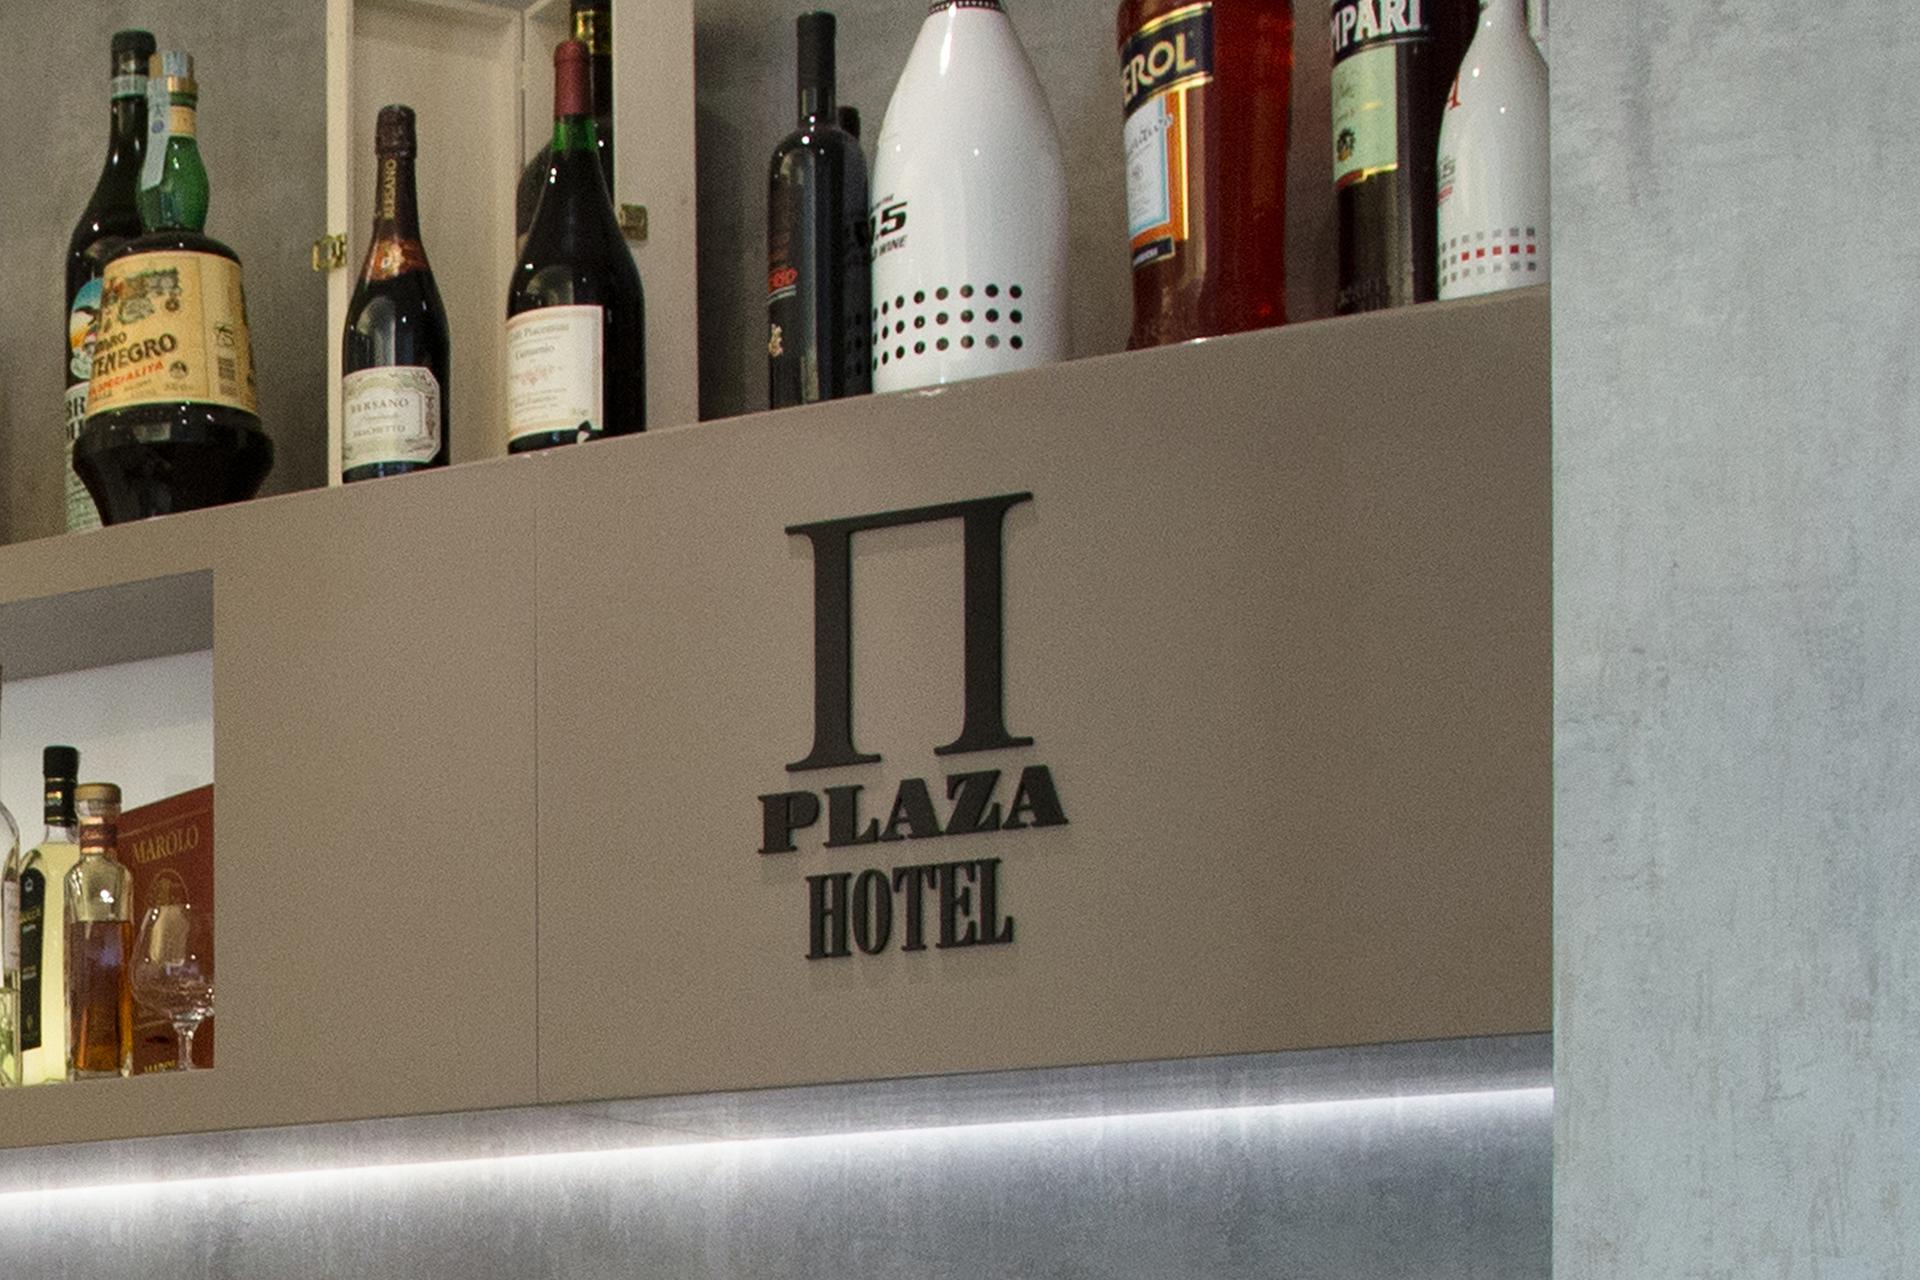 Plaza Hotel Catania 07